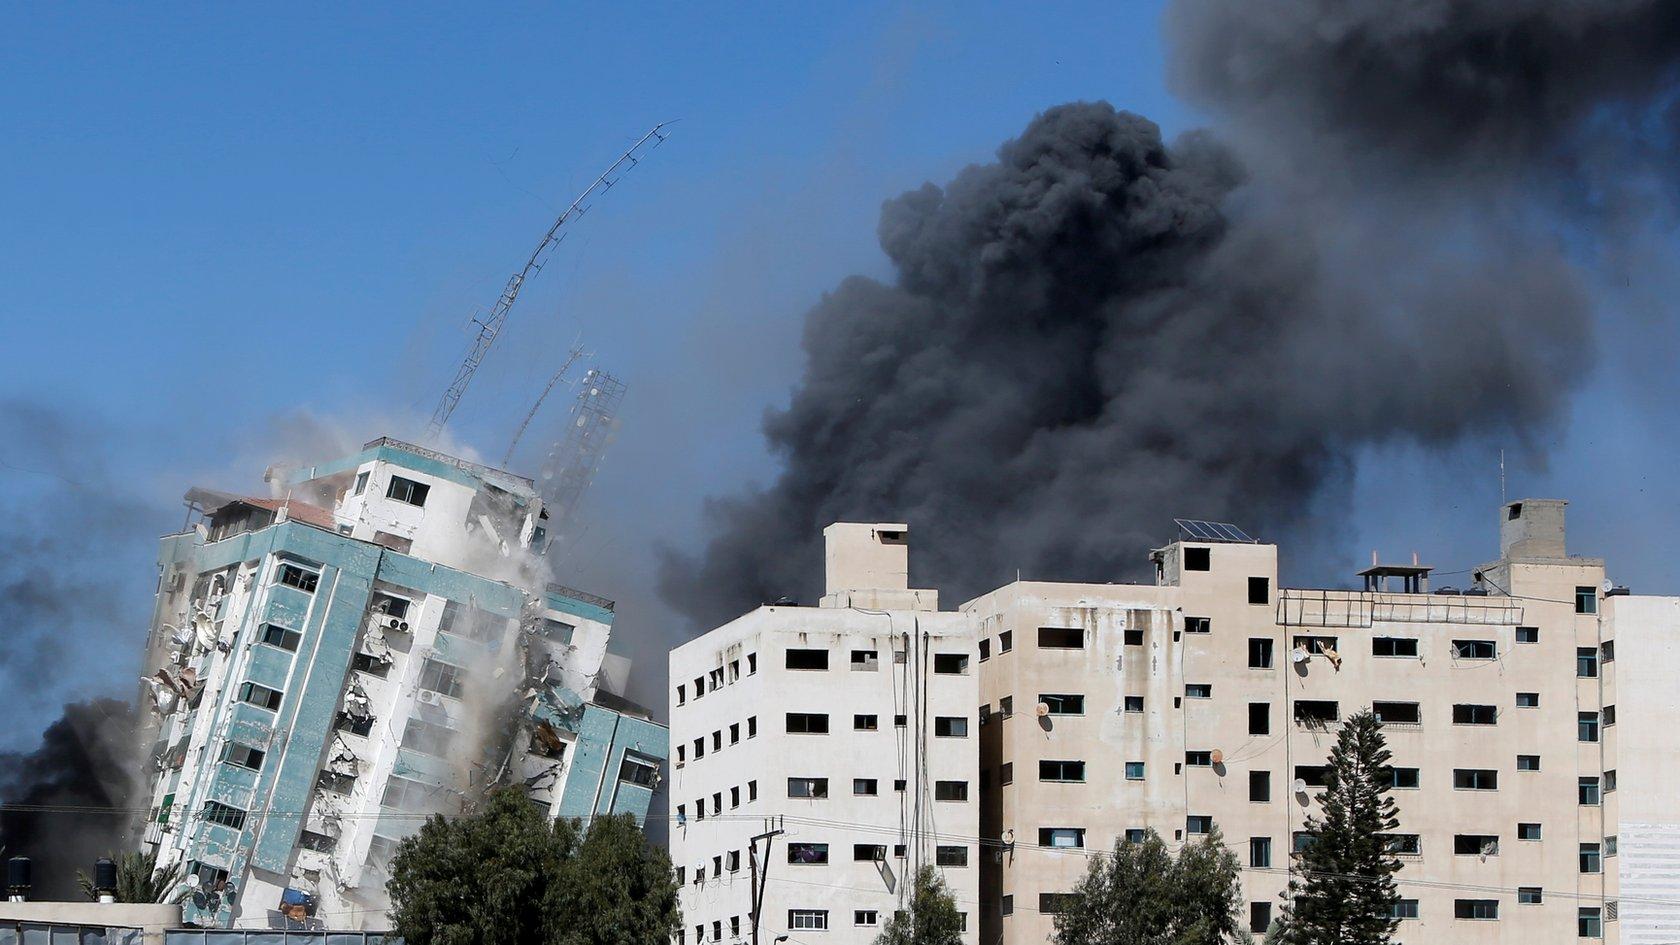 Израильско-палестинский конфликт: удар по лагерю беженцев в Газе, в Тель-Авив прибыл представитель госдепа